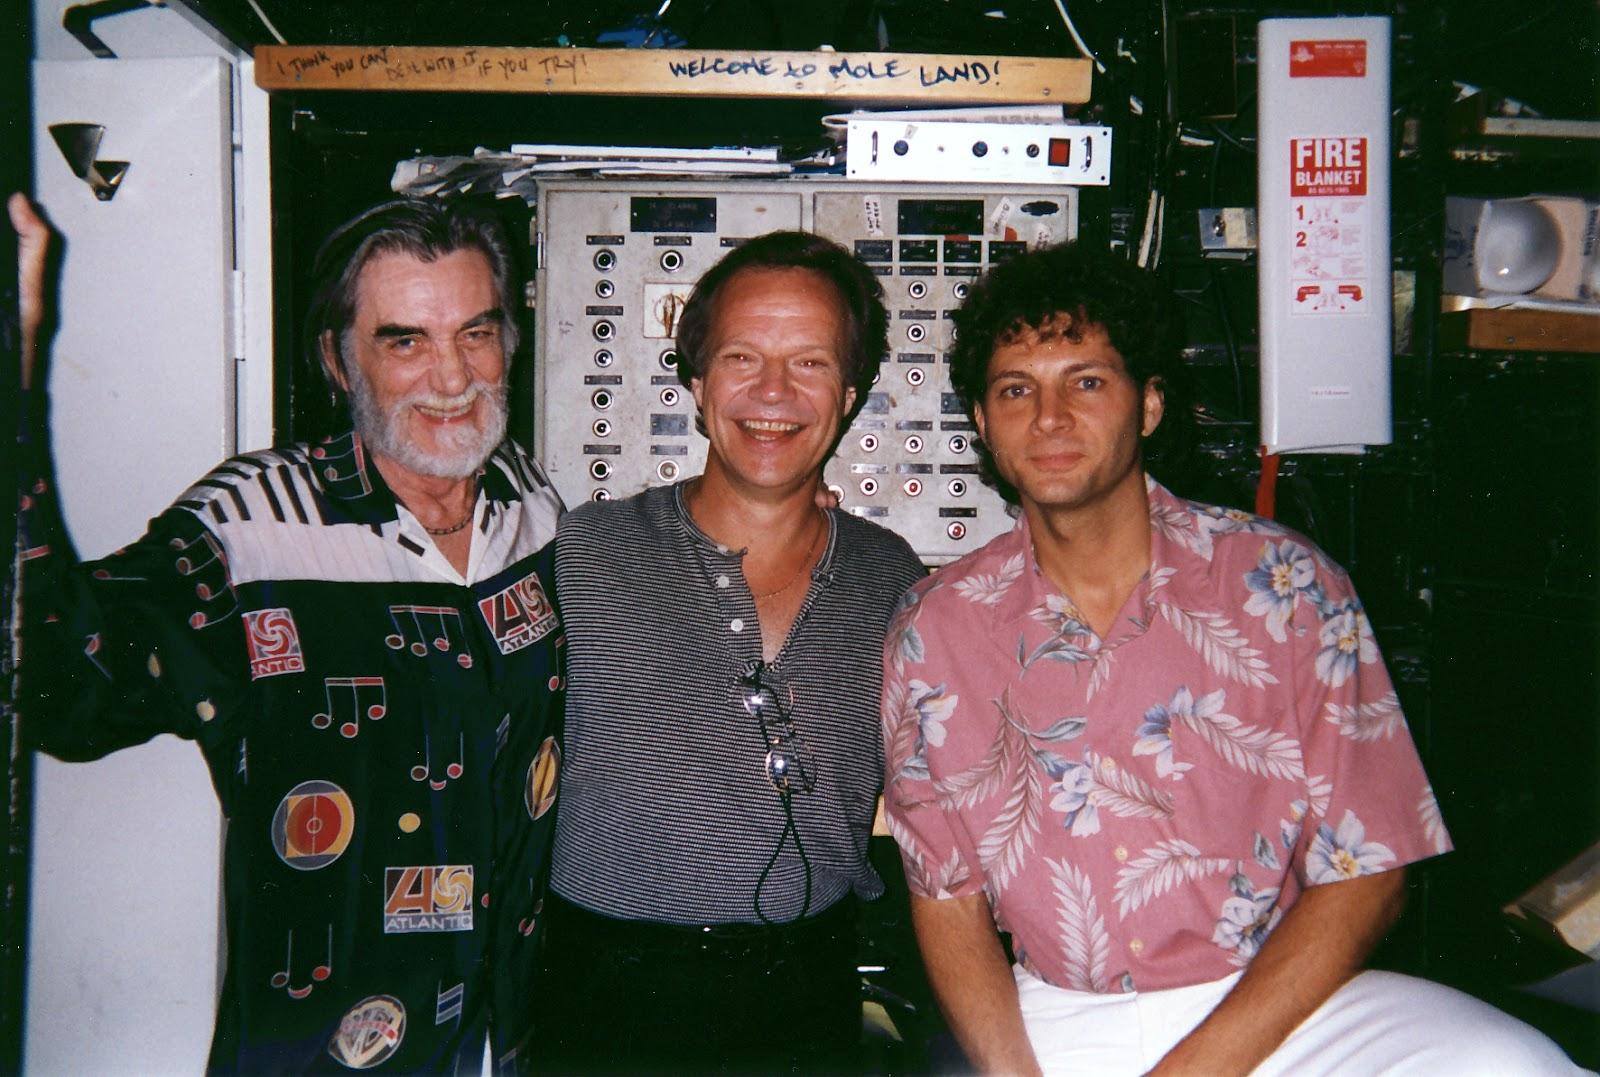 Jimmy Stowe with Tom Dowd